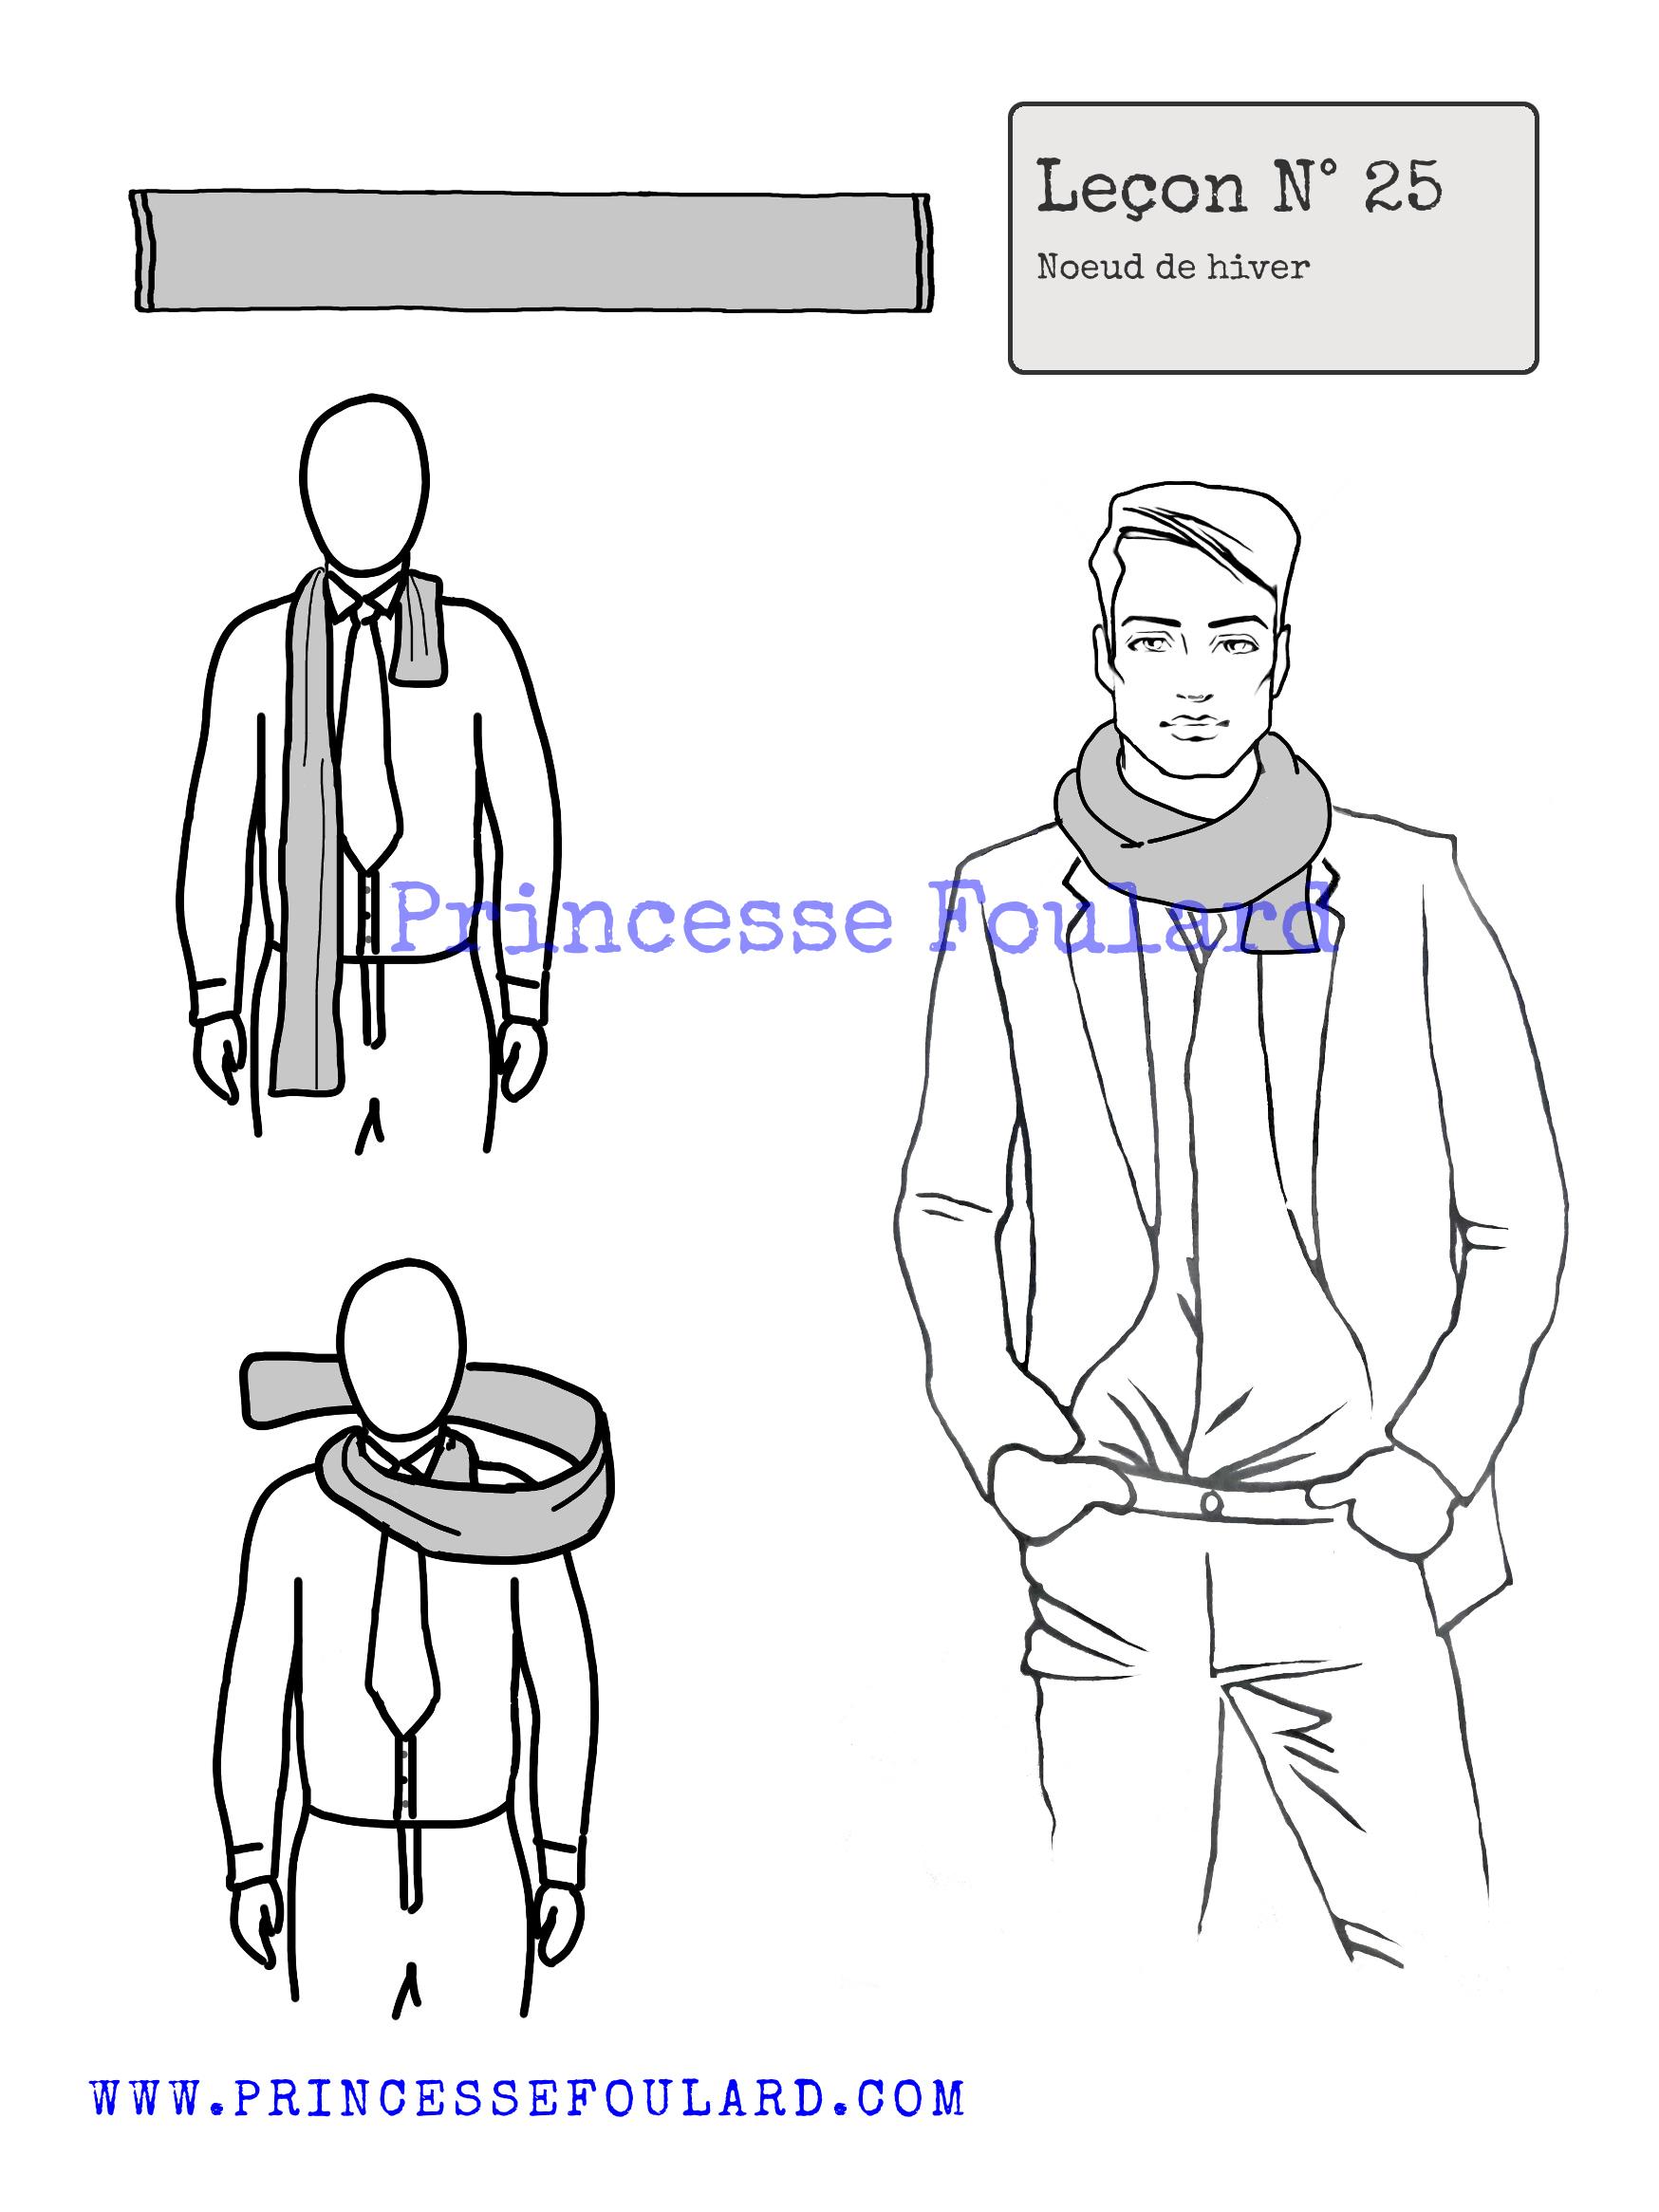 magasin britannique bon ajustement mode Comment nouer,porter, mettre une écharpe ?